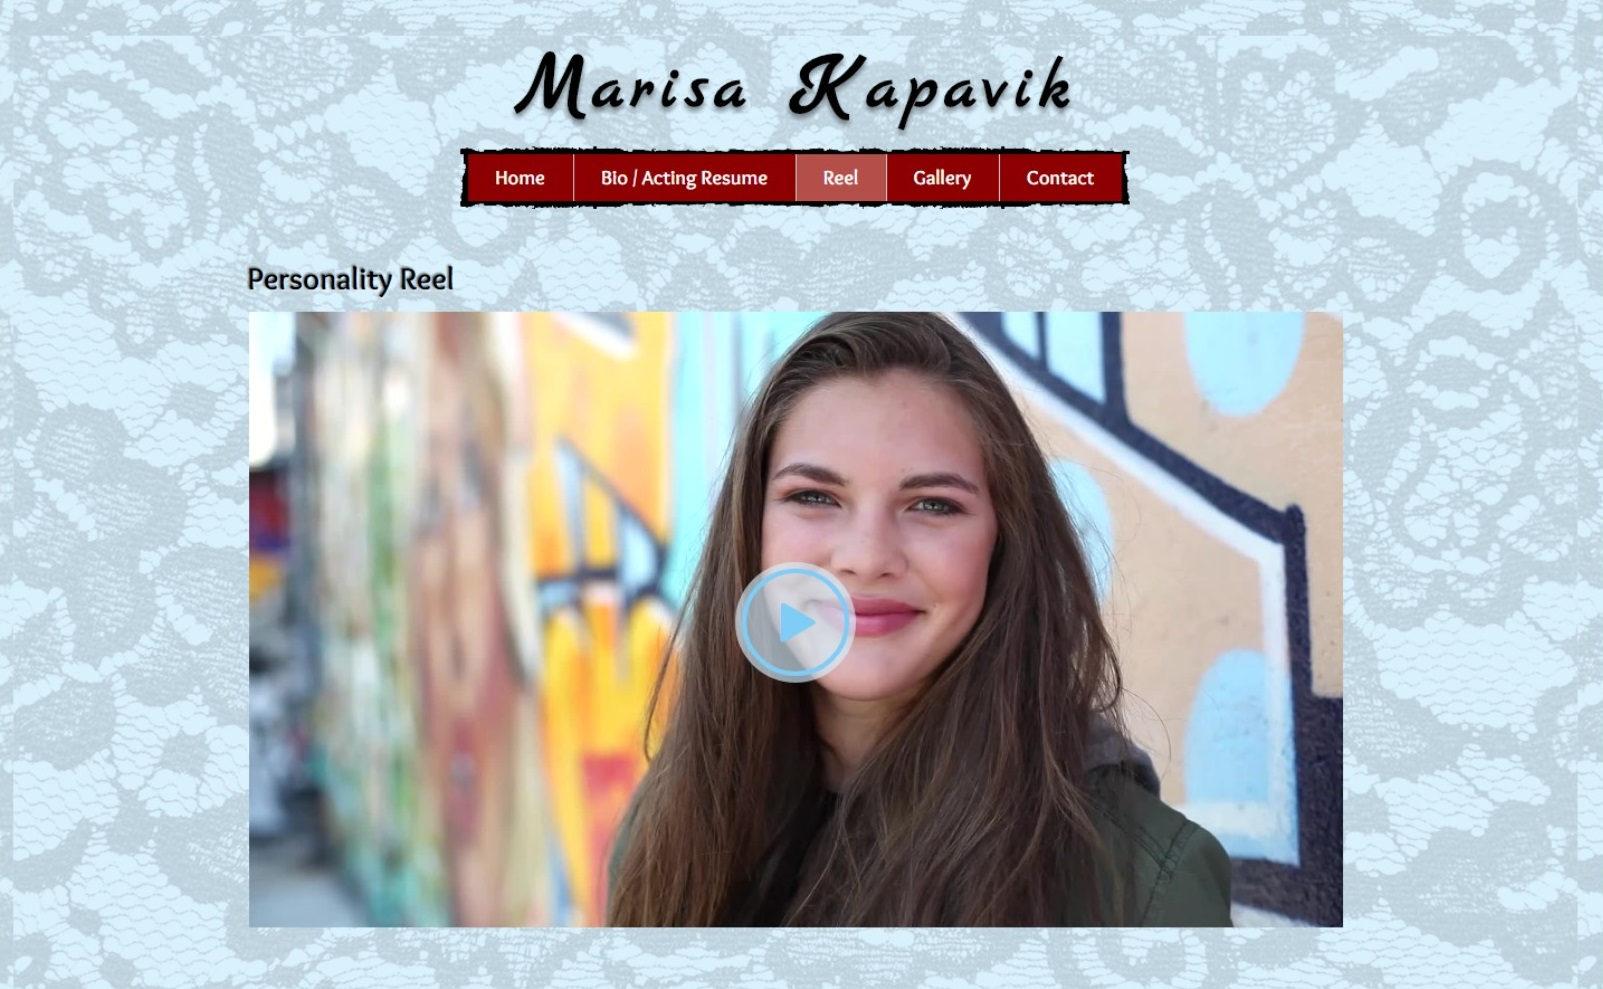 Marisa Kapavik- Actress